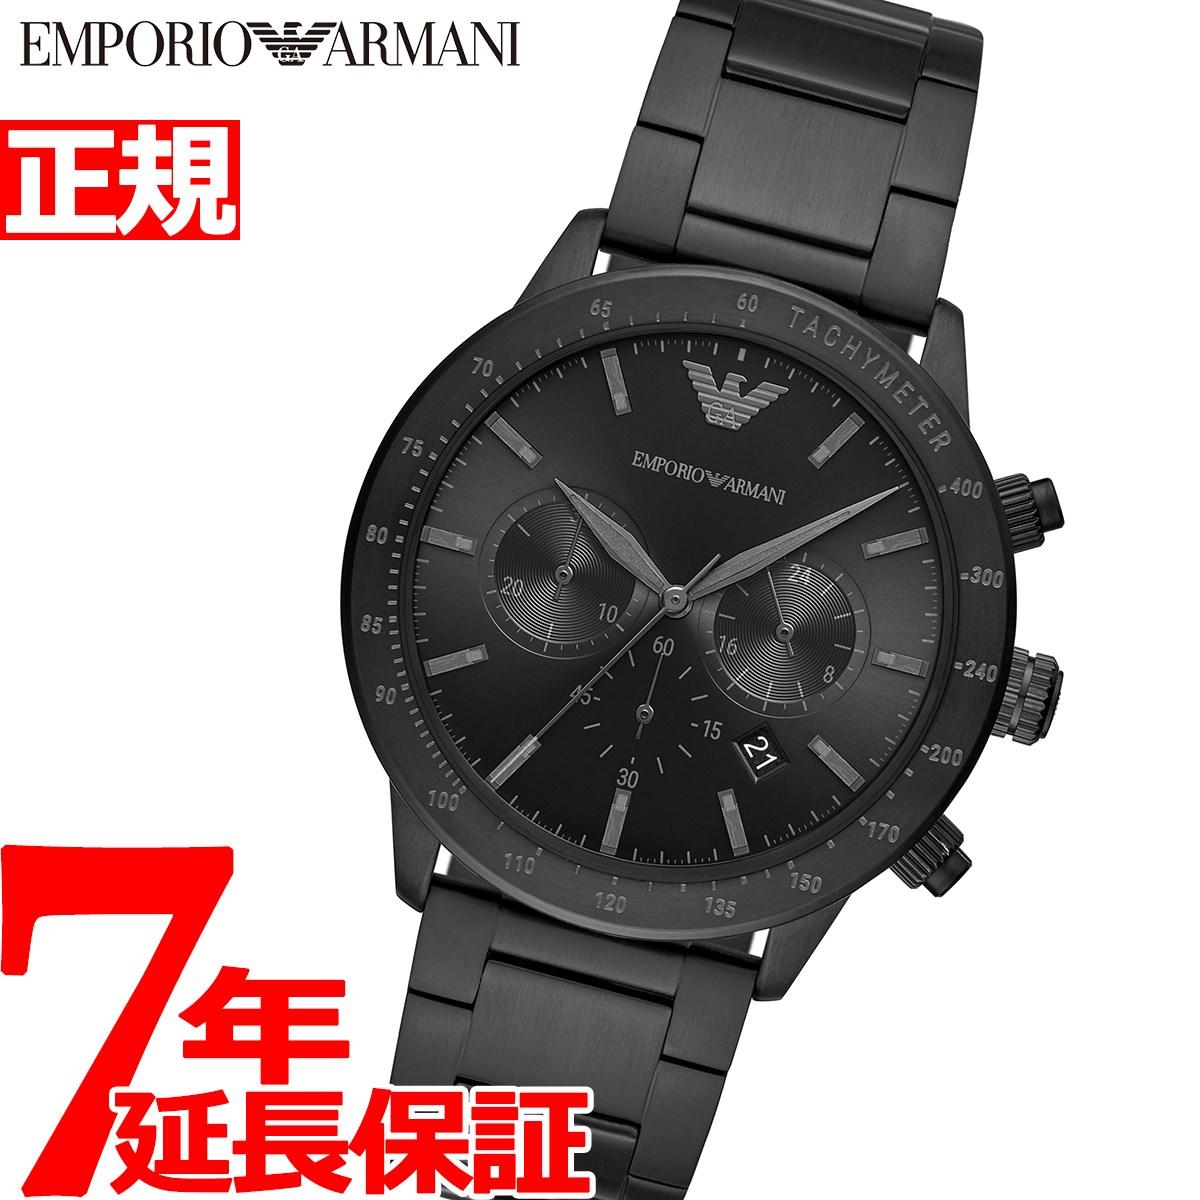 【5日0時~♪10%OFFクーポン&店内ポイント最大51倍!5日23時59分まで】エンポリオアルマーニ EMPORIO ARMANI 腕時計 メンズ クロノグラフ AR11242